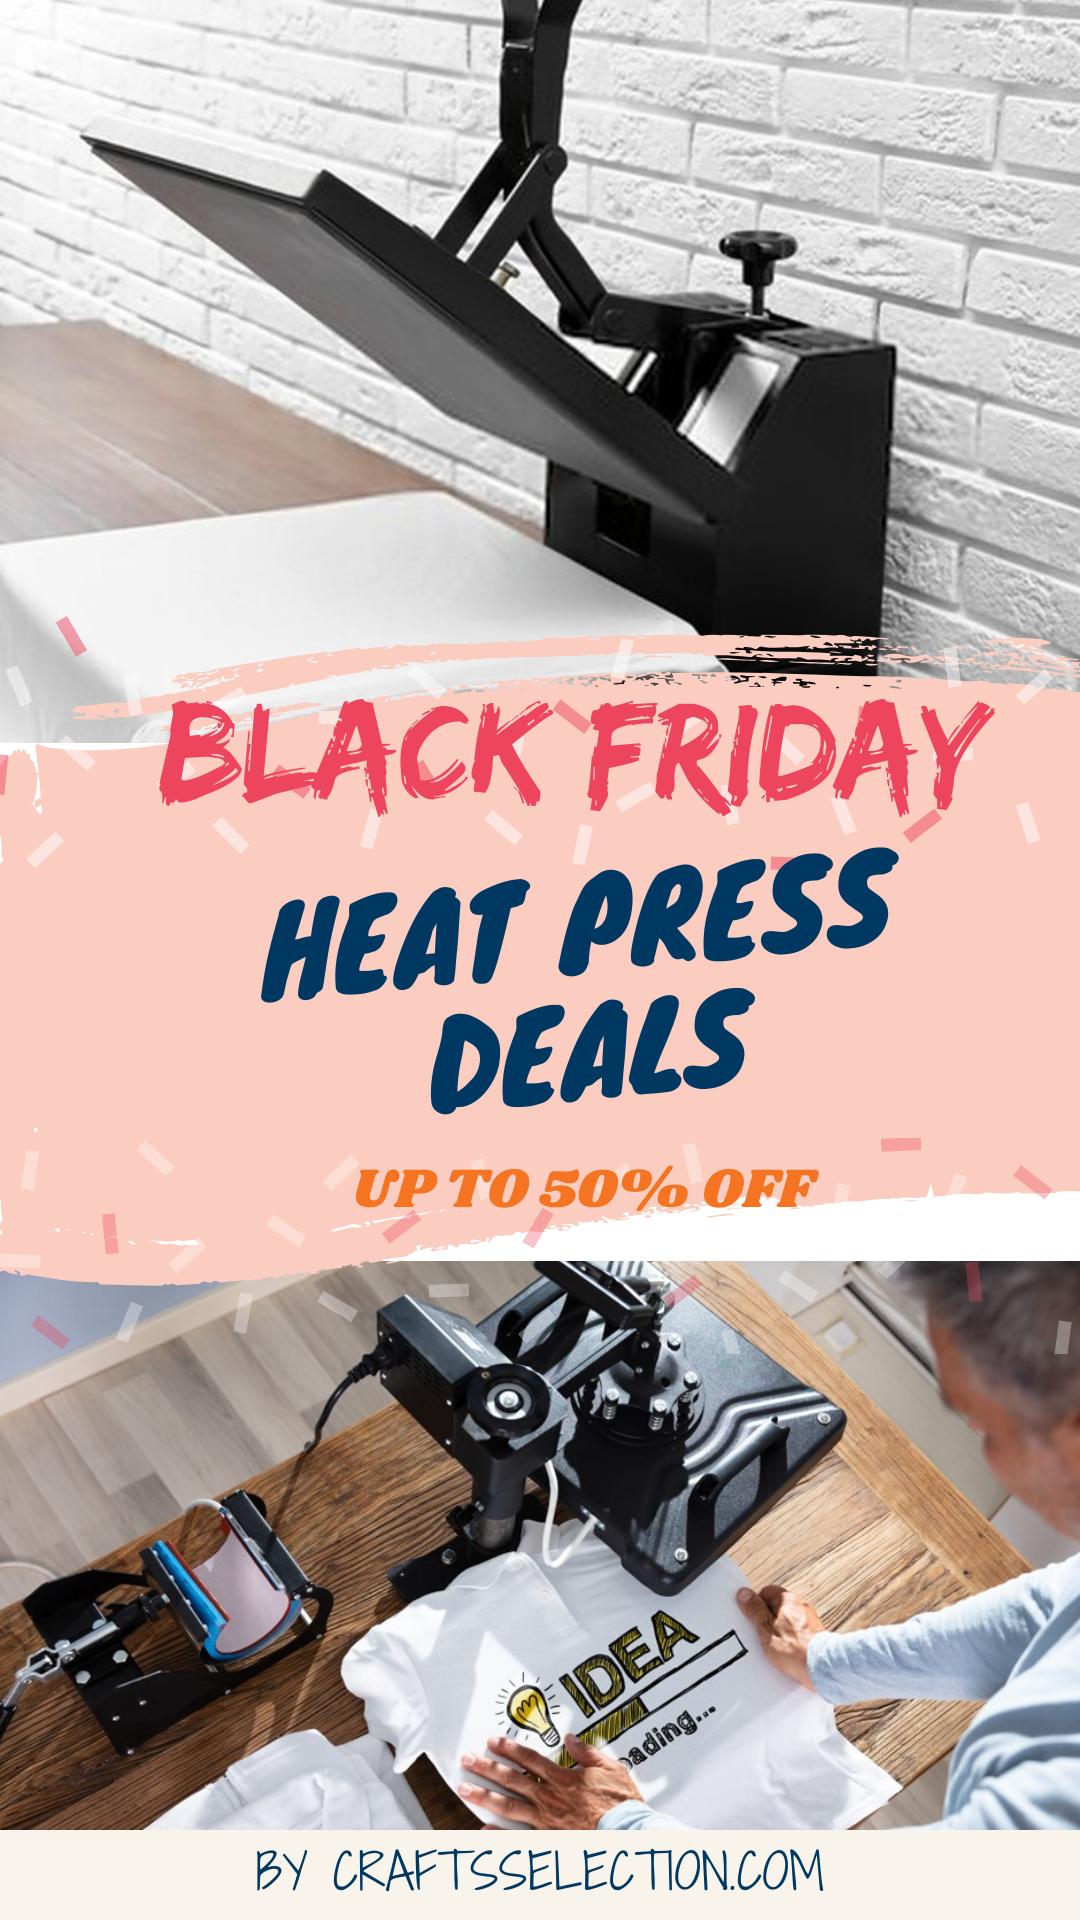 Best Heat Press Black Friday Deals 2020 Heat Press Heat Press Machine Heat